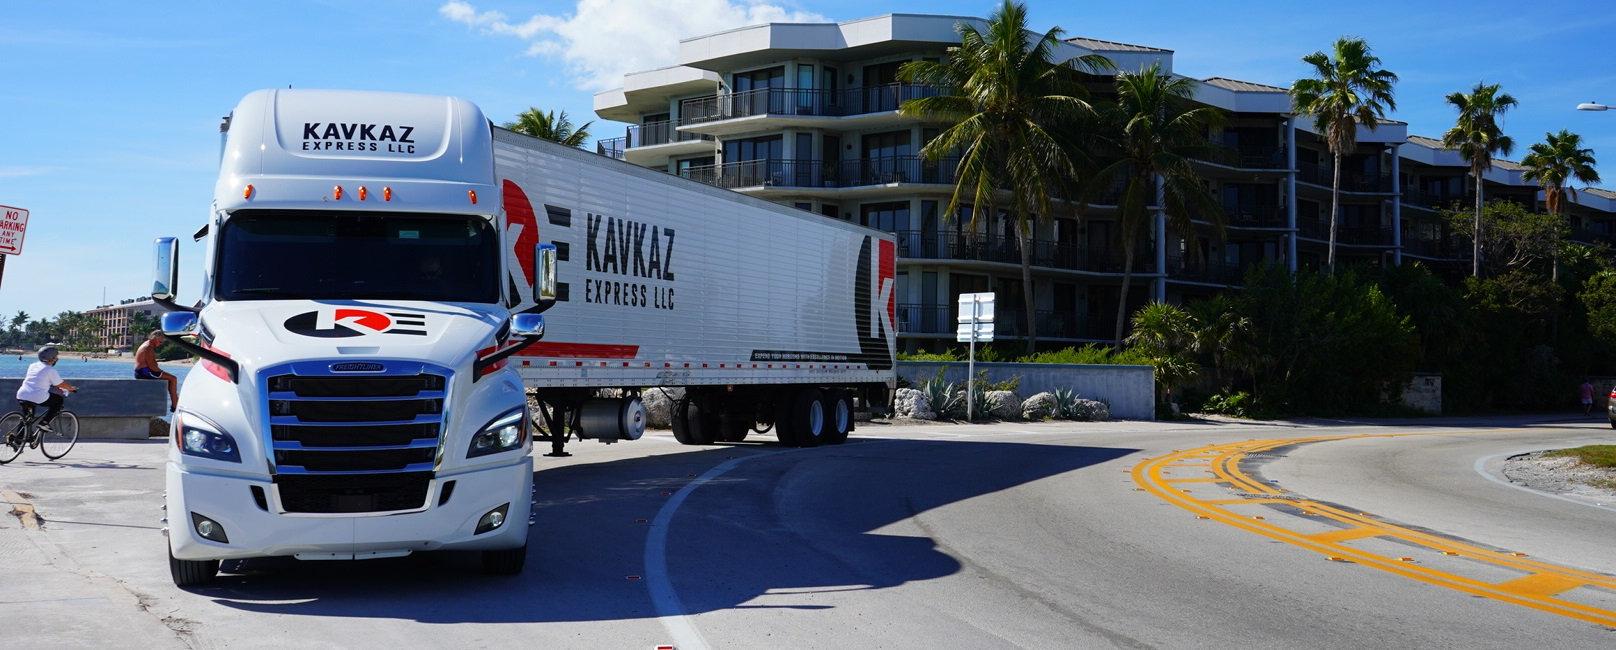 KAVKAZ EXPRESS LLC TRUCK.JPG